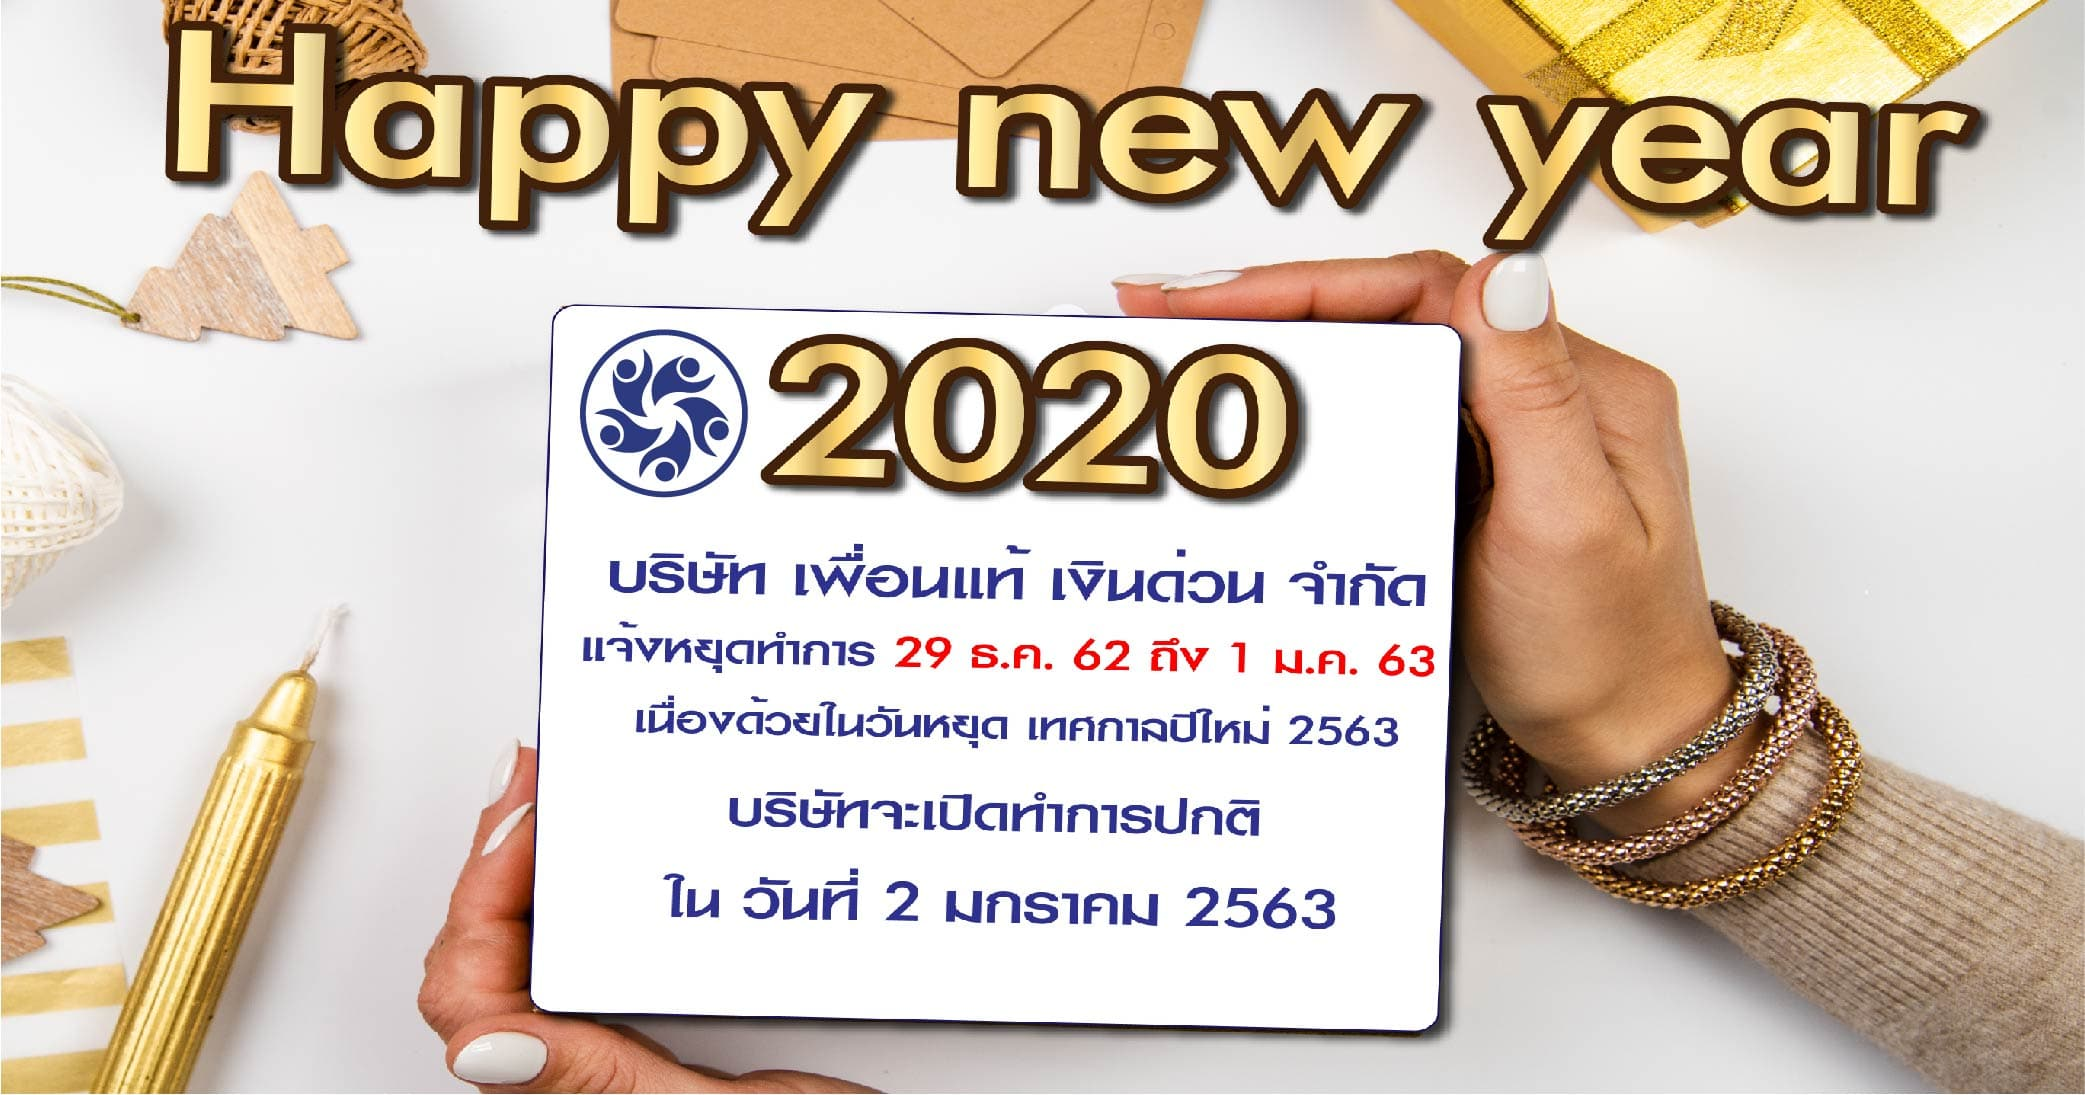 25 03 - บริษัท เพื่อนนเเท้ แจ้งหยุดทำการในวันที่ 29 ธ.ค. 62 ถึง 1 ม.ค. 63 เนื่องในวันปีใหม่